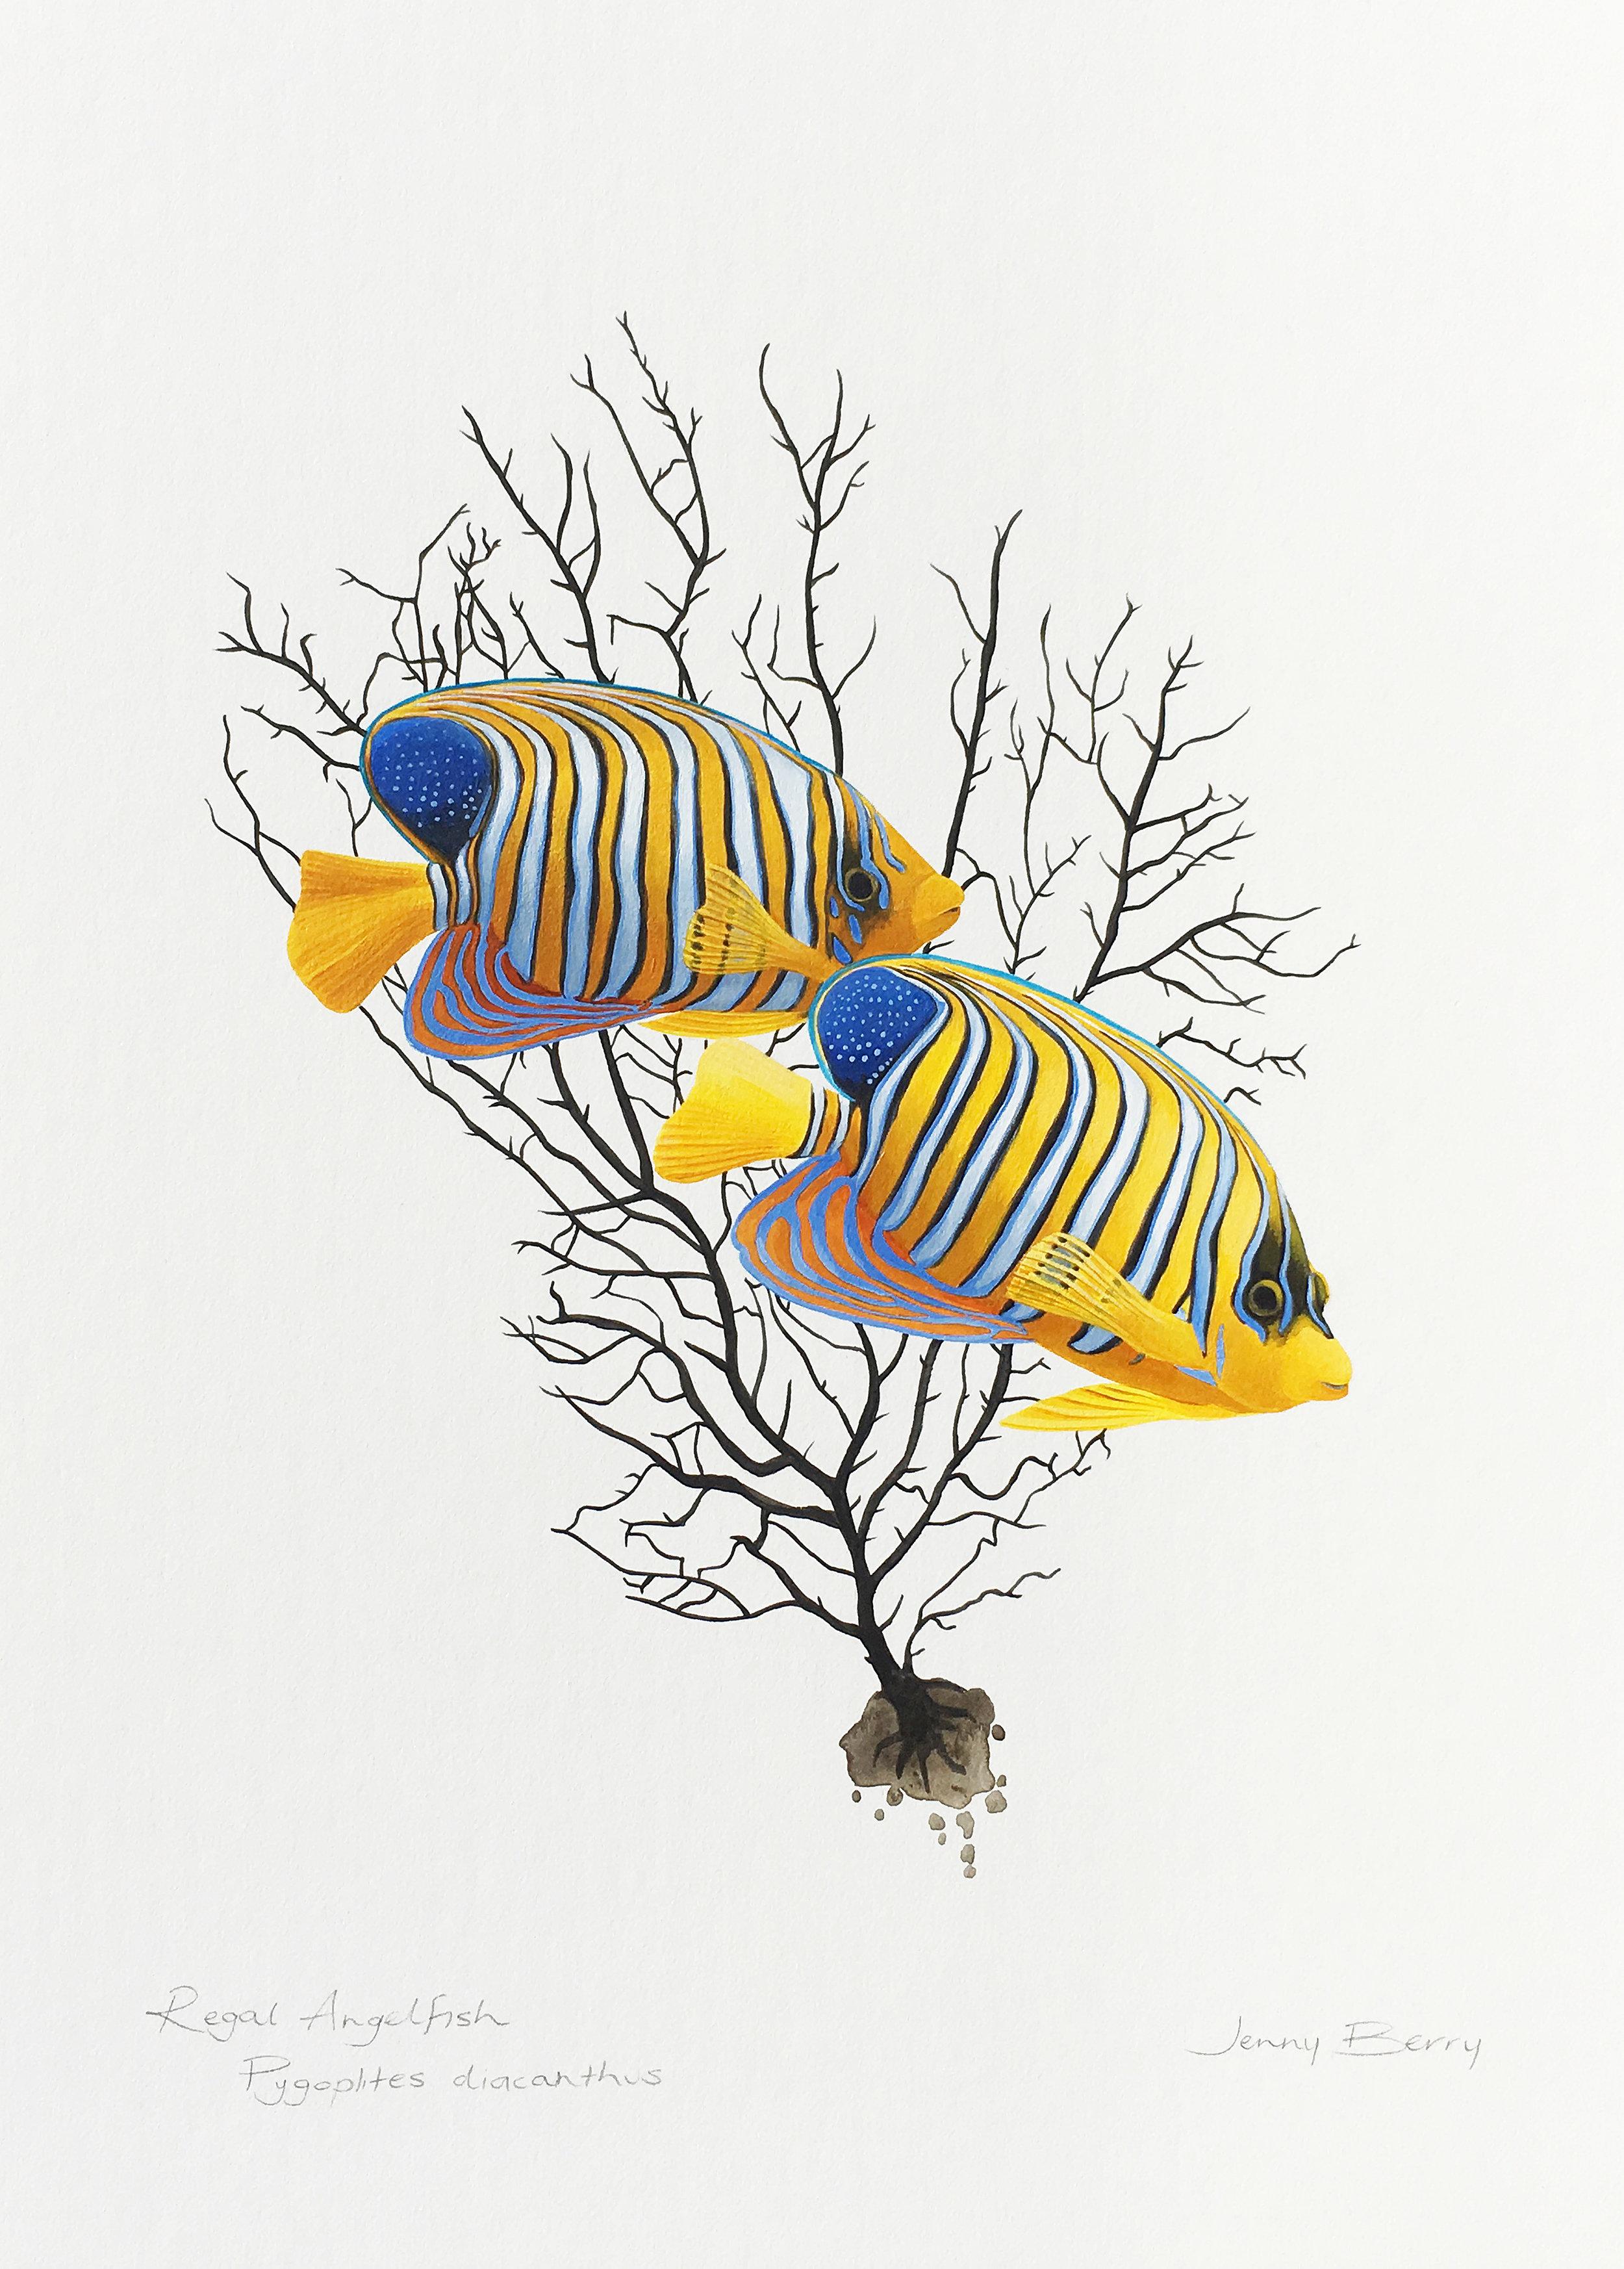 Regal Angelfish Final.jpg